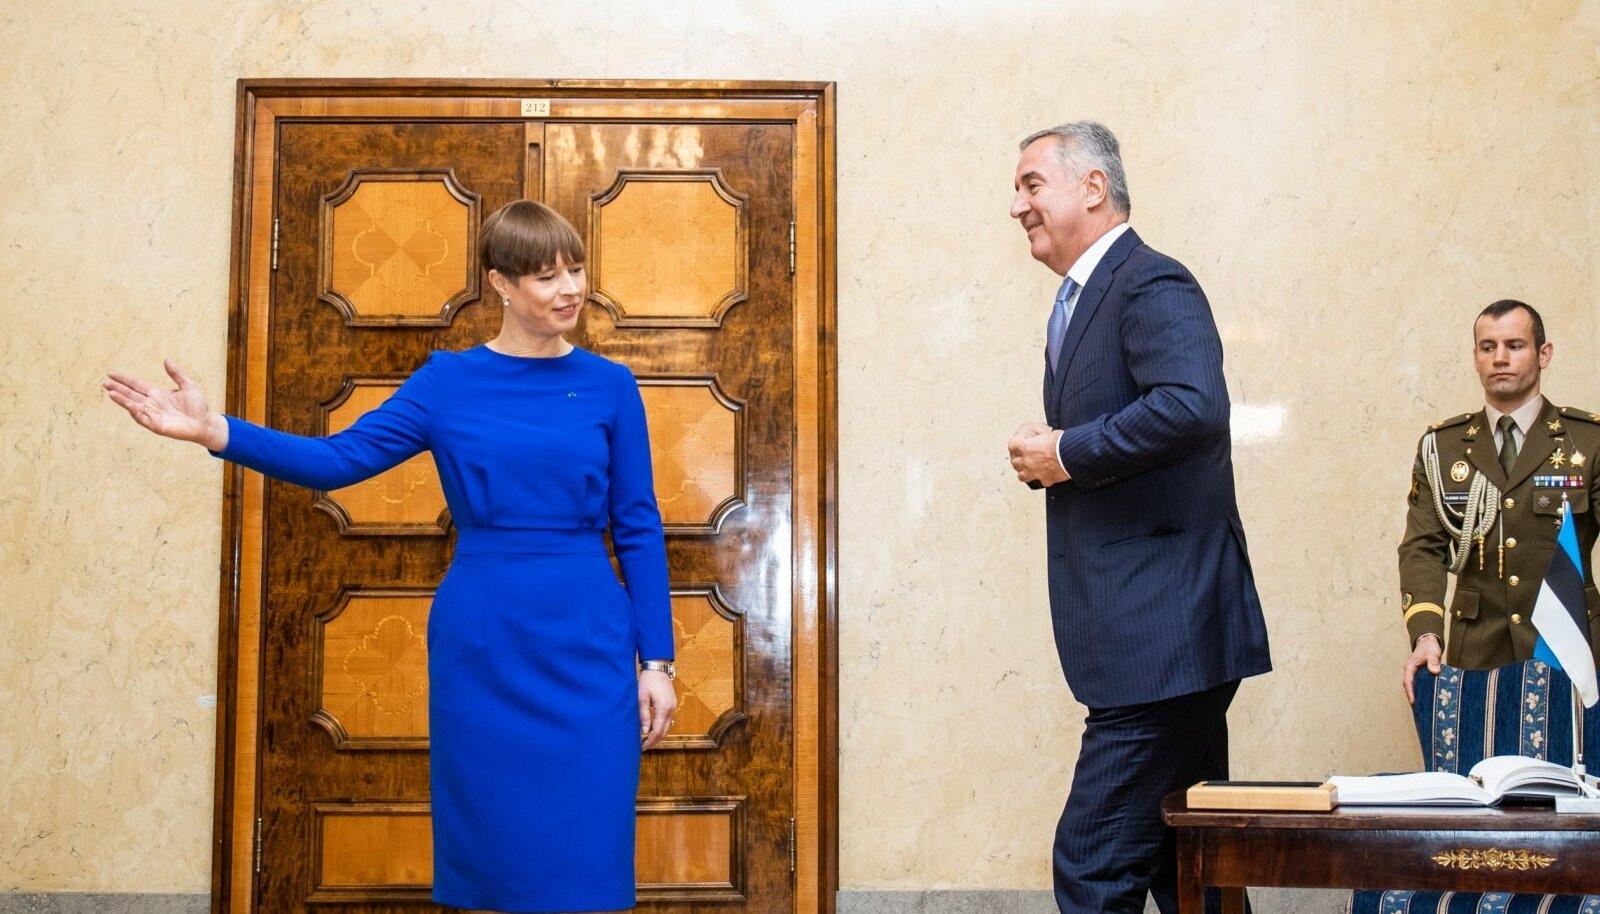 Президент Эстонии Керсти Кальюлайд со своим коллегой из Черногории Мило Джукановичем